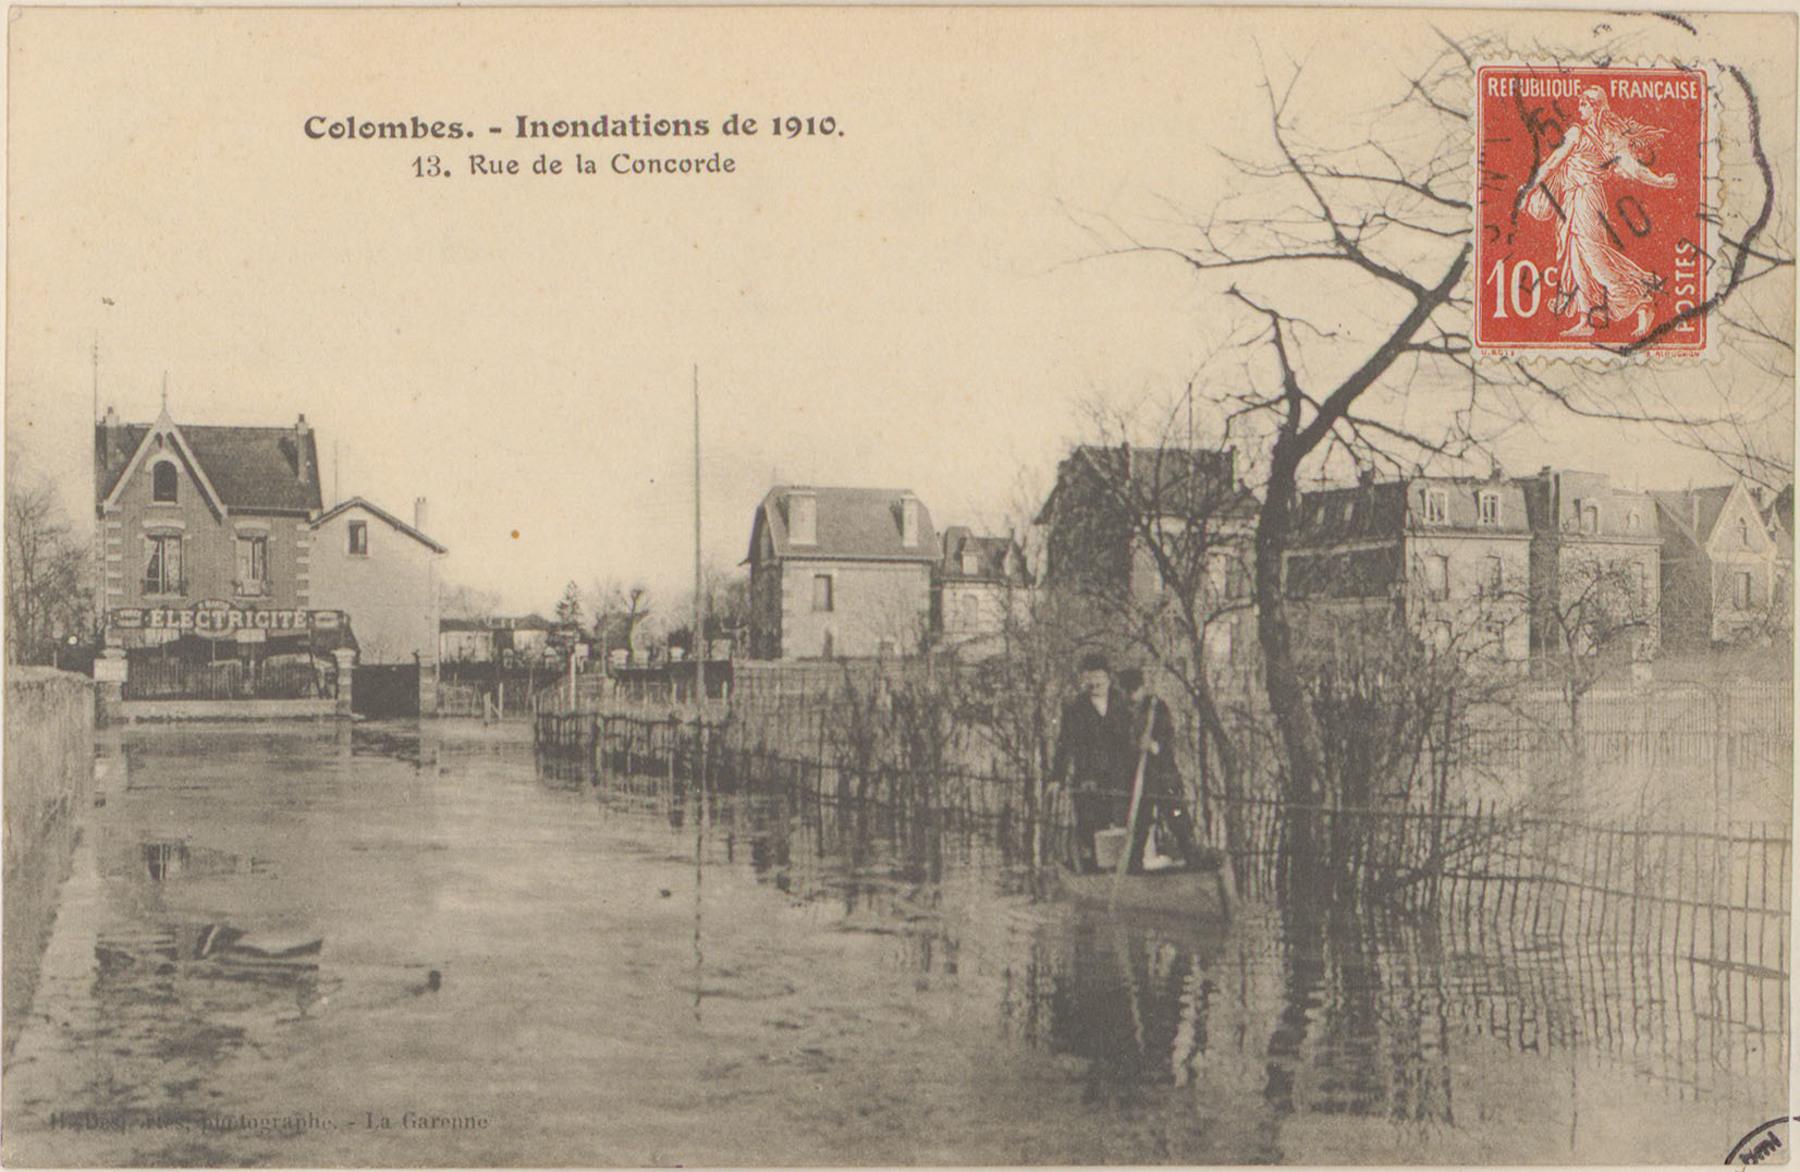 Contenu du Colombes, Inondations de 1910, 13 rue de la Concorde